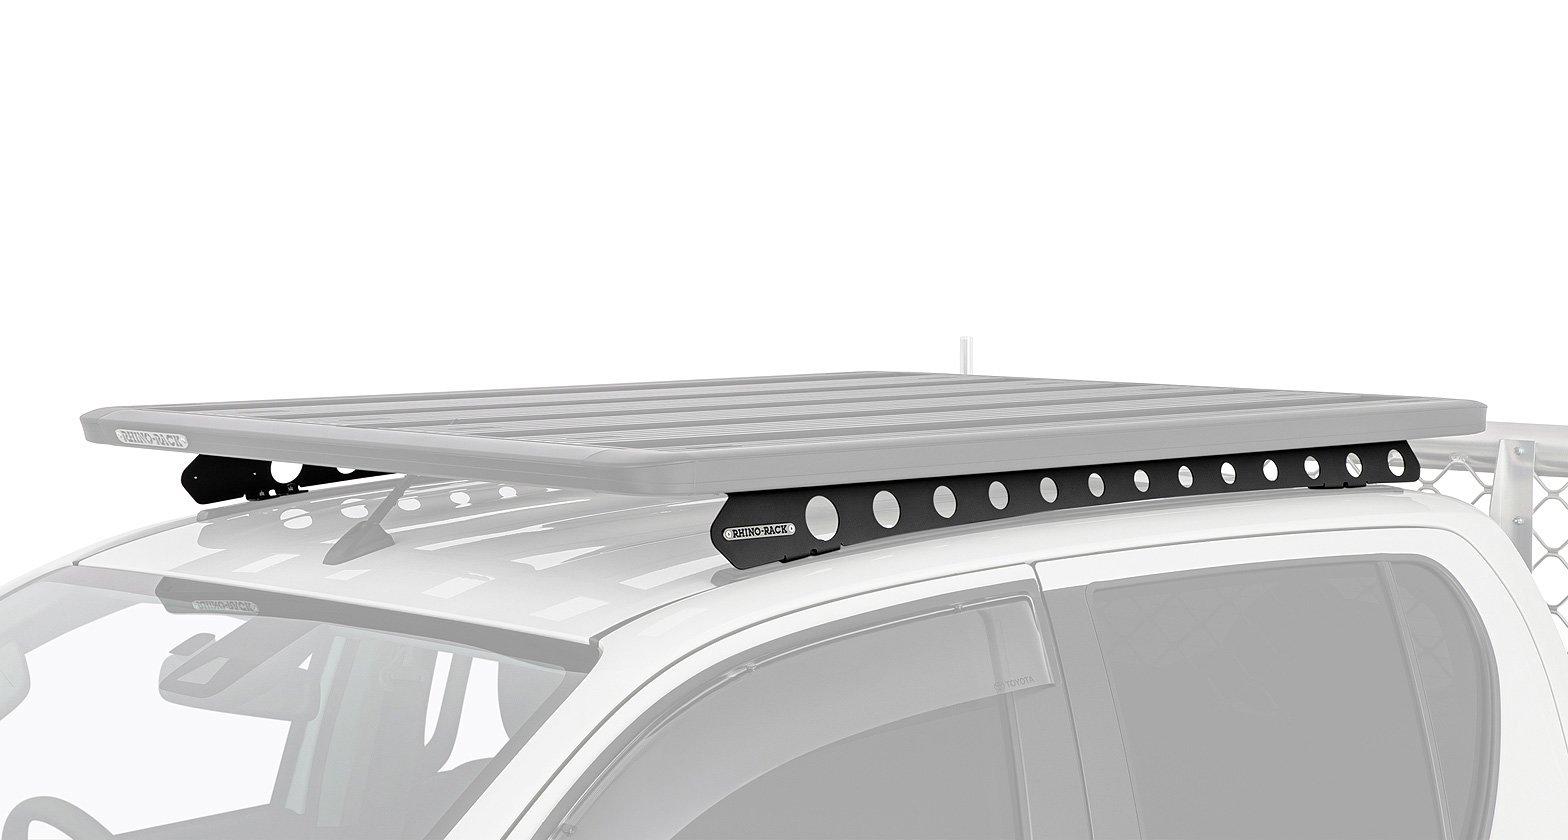 Toyota Hilux N70 & N80 Backbone image